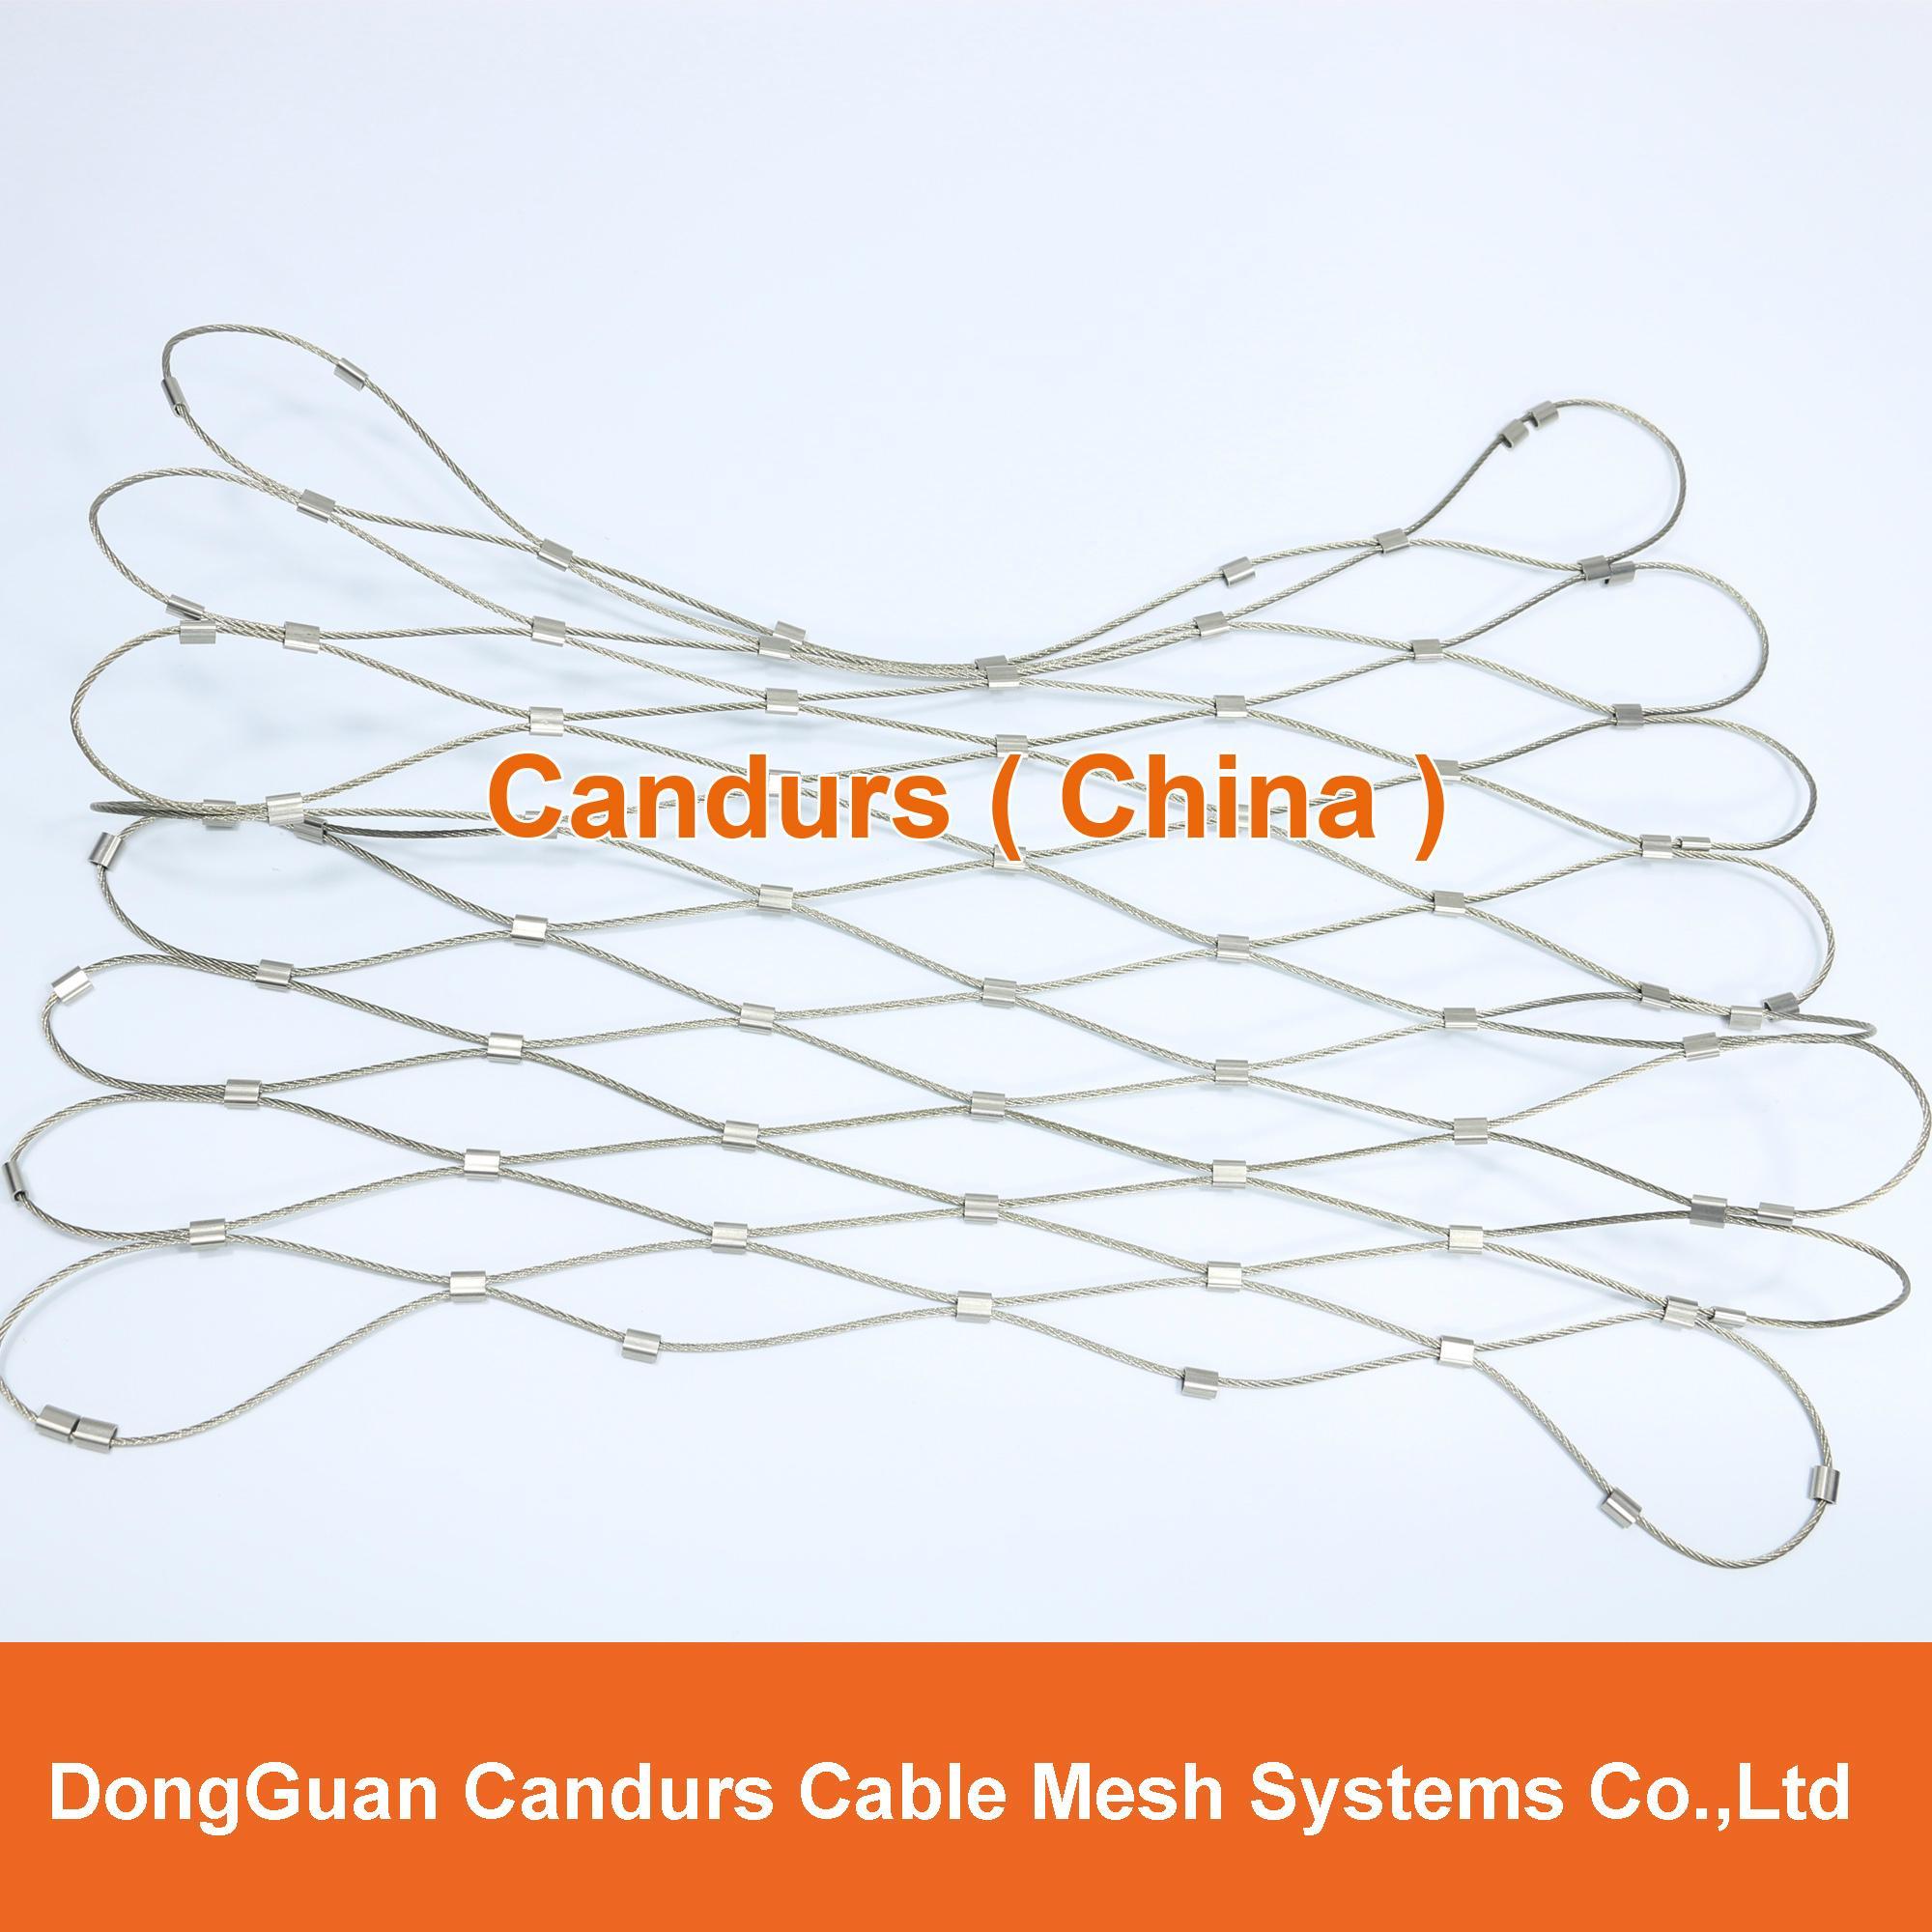 套環網-不鏽鋼絲繩套環網 15